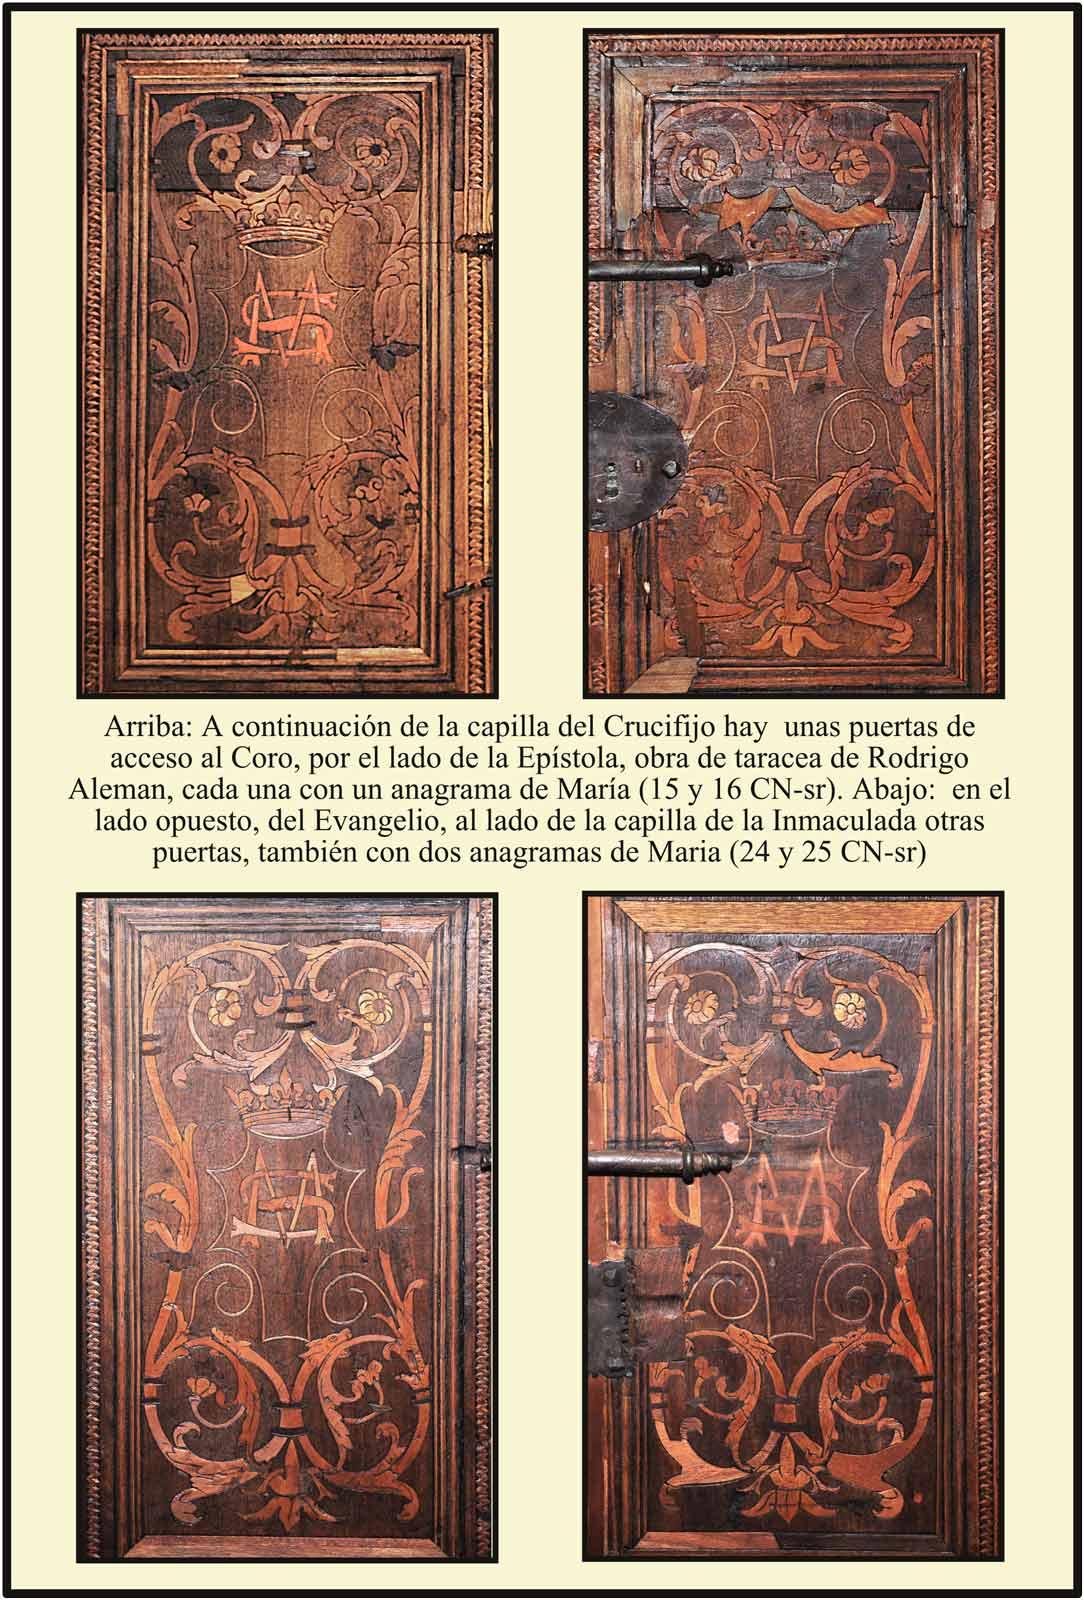 Obra de Rodrigo Aleman puertas de  coro situadas en los laterales, de taracea, con anagramas de María